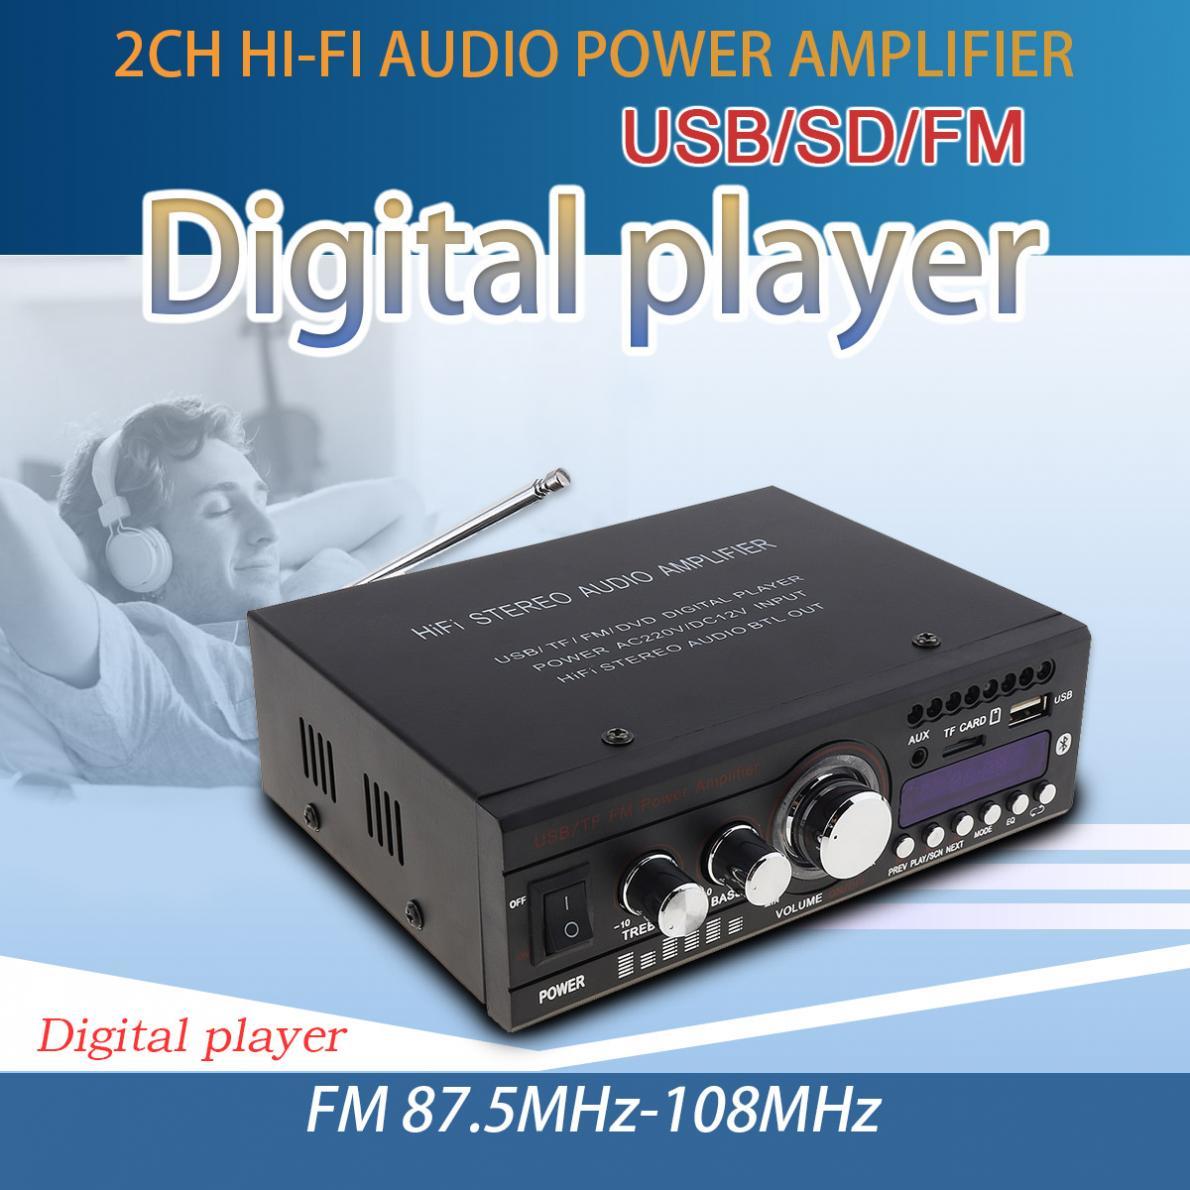 DC12V/AC220V Bluetooth 2CH Hi-Fi Auto Car FM Radio Stereo Audio Power Amplifier Digital Player Support USB / SD / FM / DVD s 750 hi fi stereo digital amplifier w fm sd usb for car motorcycle black